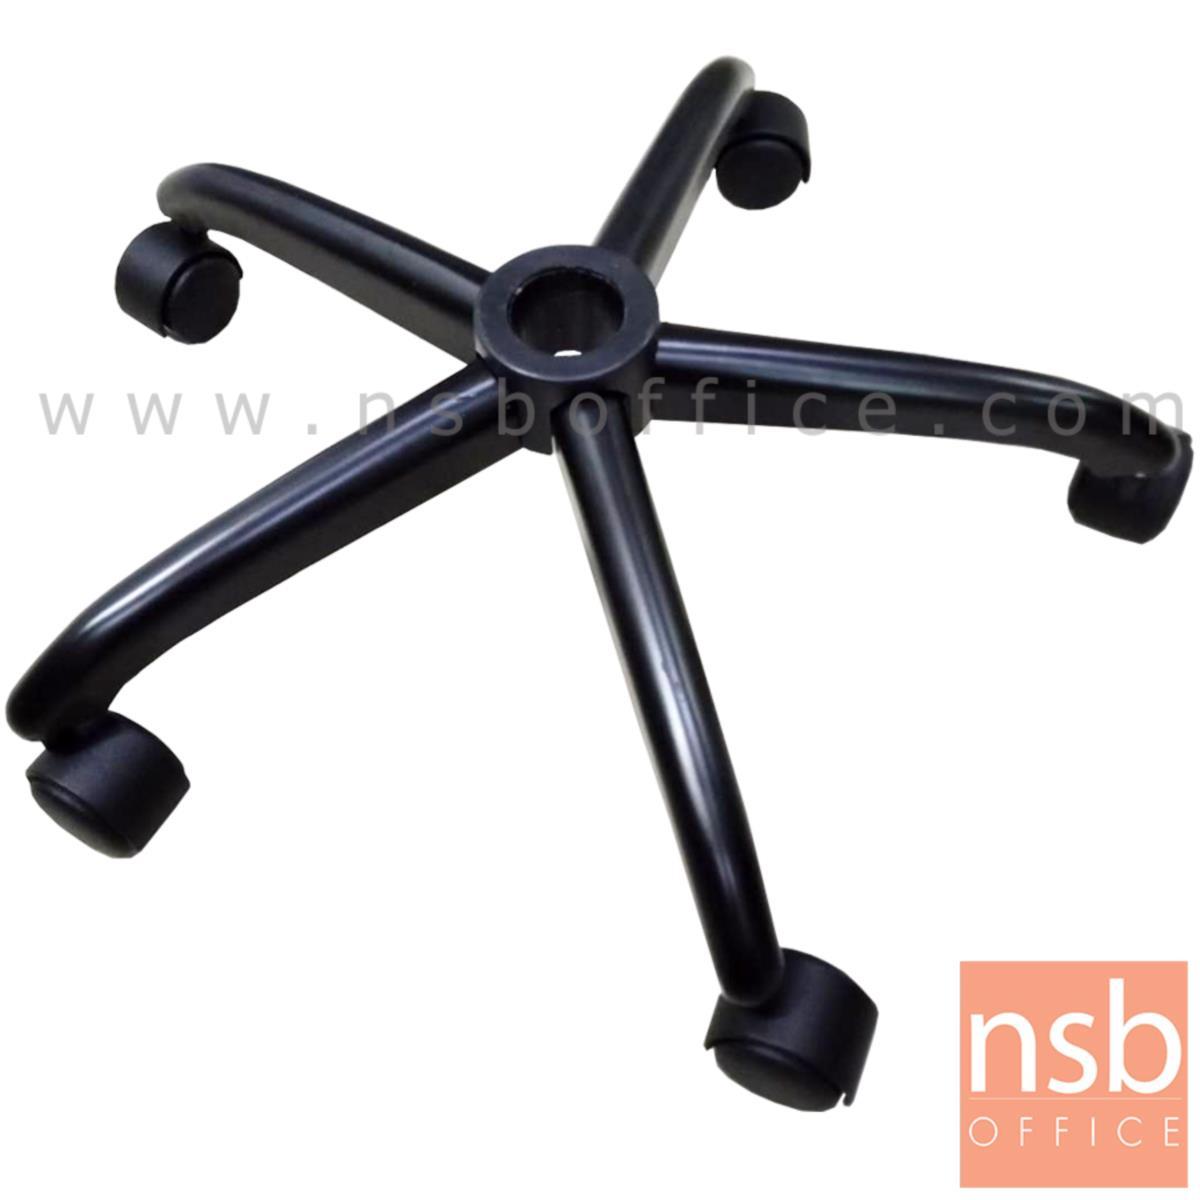 B27A082:ขาเหล็กพ่นสีดำ รุ่น Arthur (อาร์เธอร์) ขนาด 22 นิ้ว ฝาครอบดำ